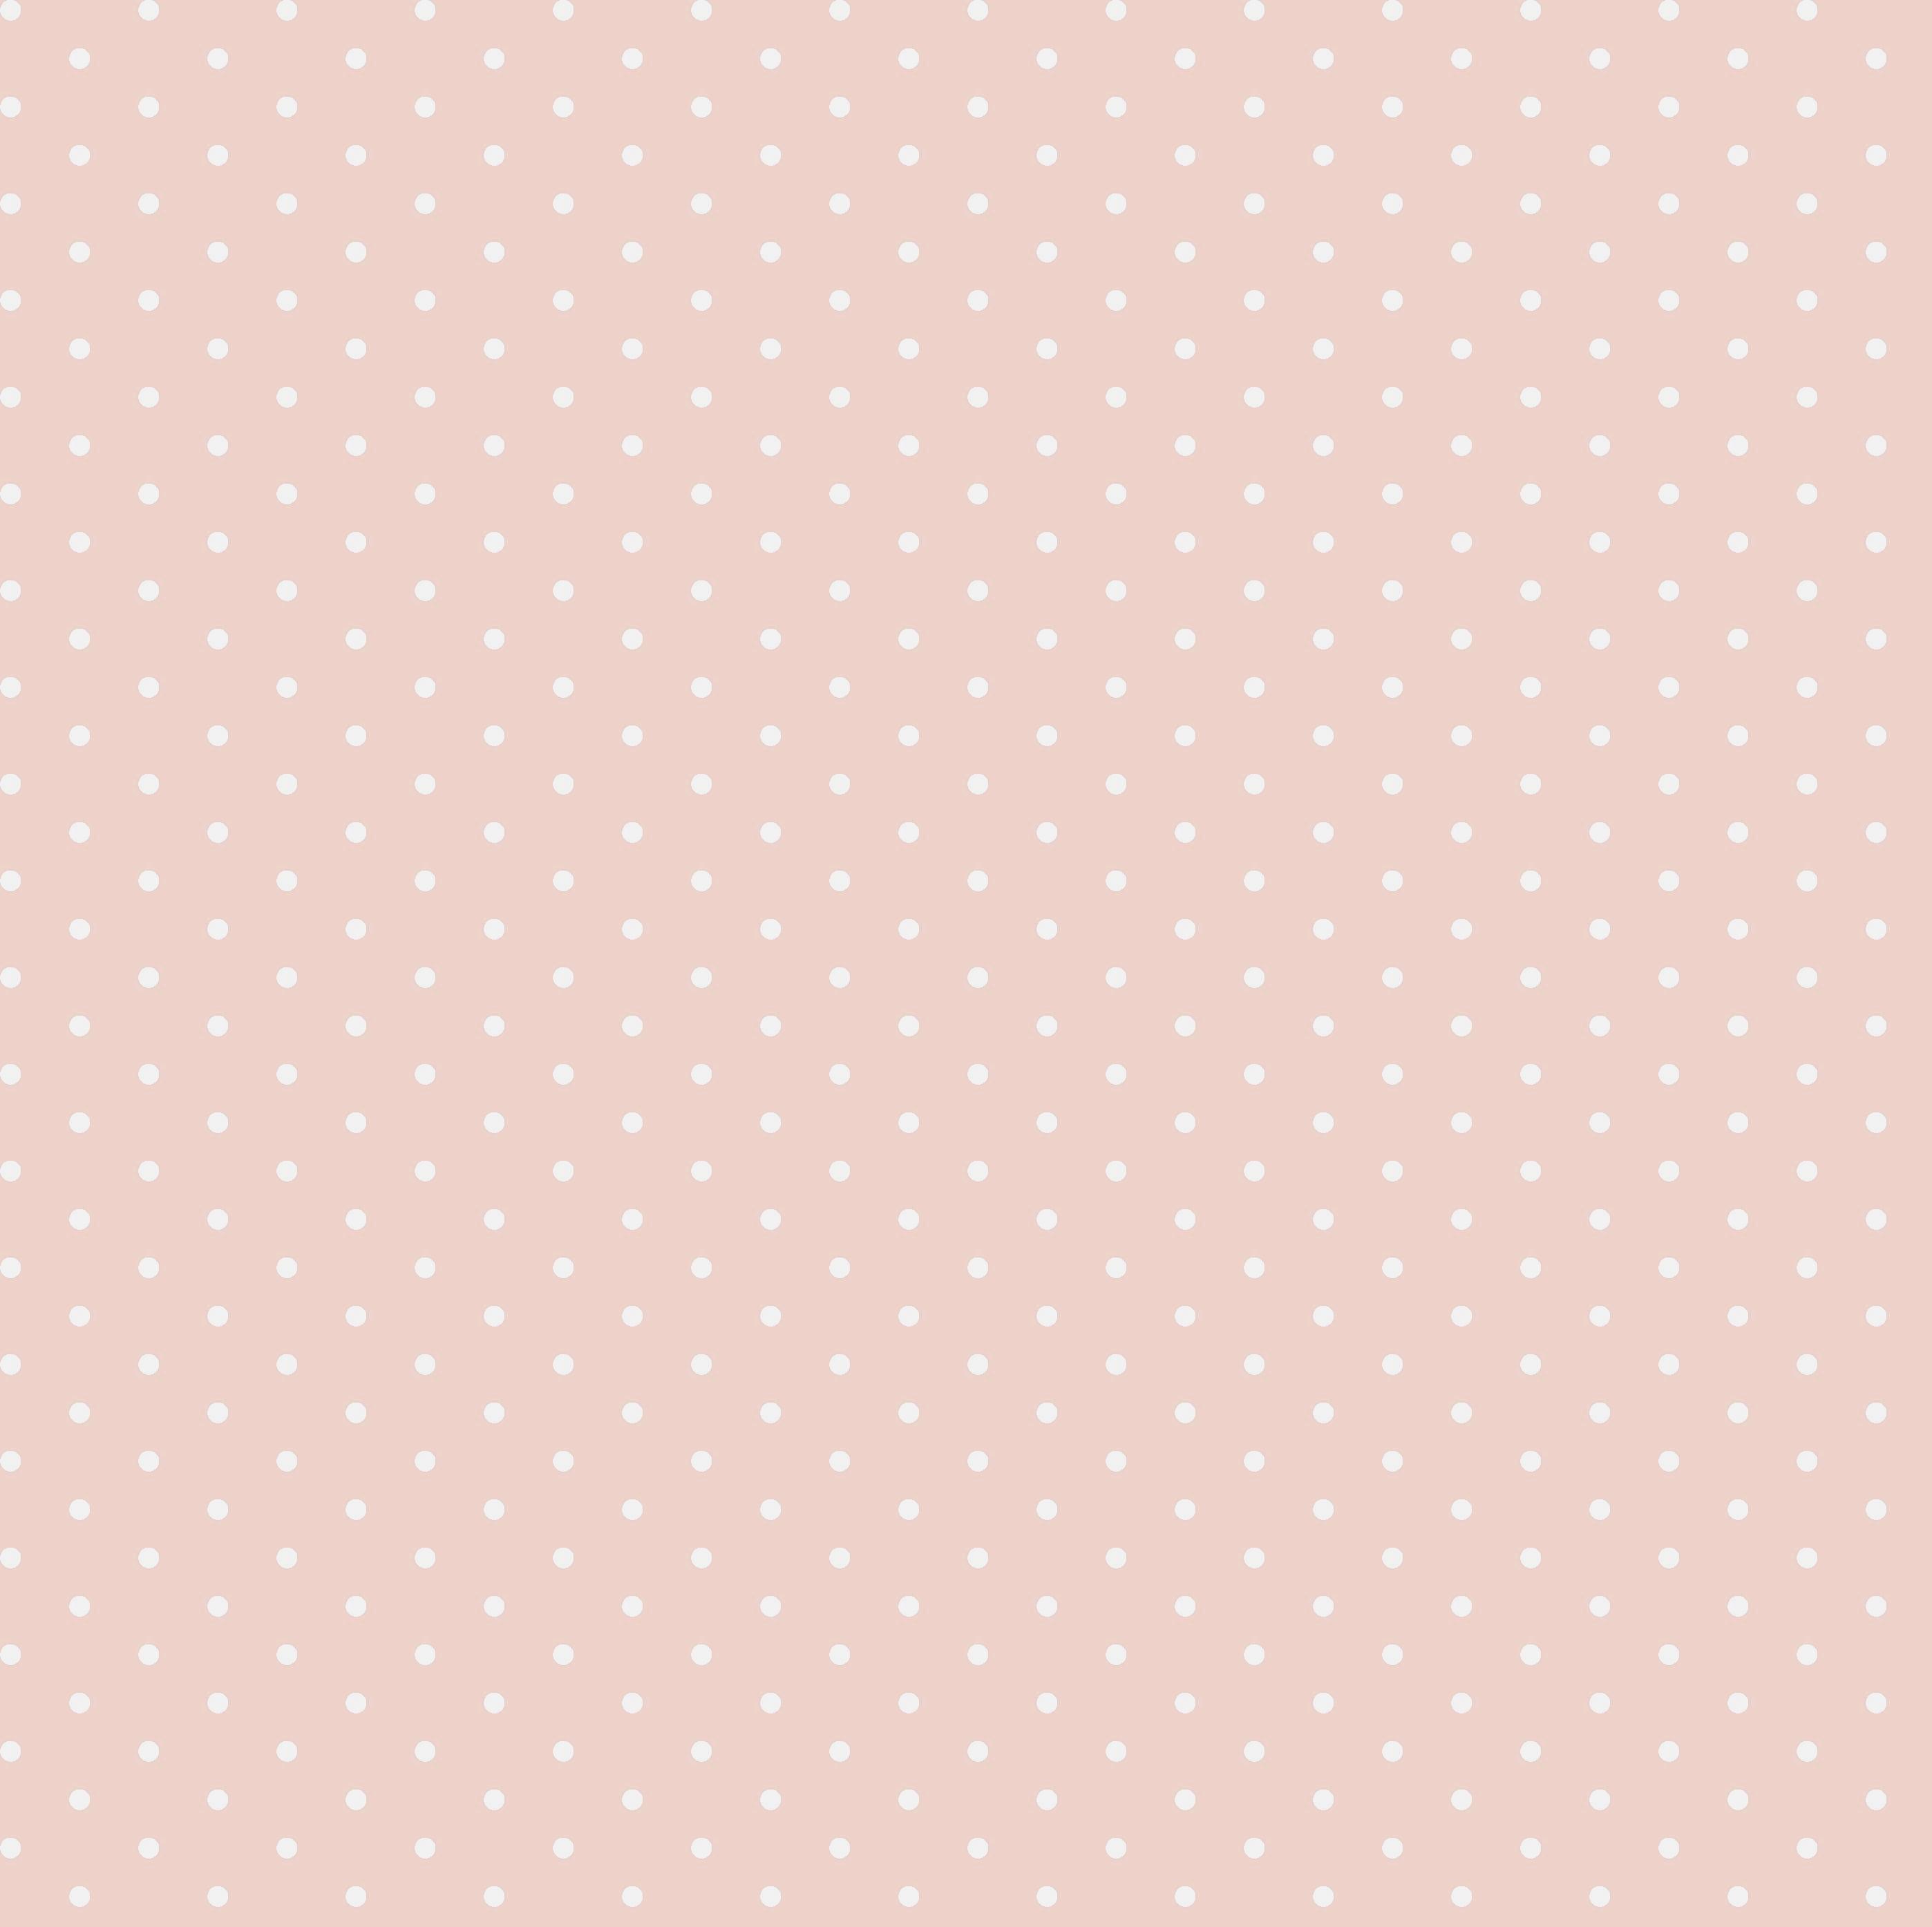 Tricoline Bolinhas Micro P1002-53 Rose - Bolinhas • Poás